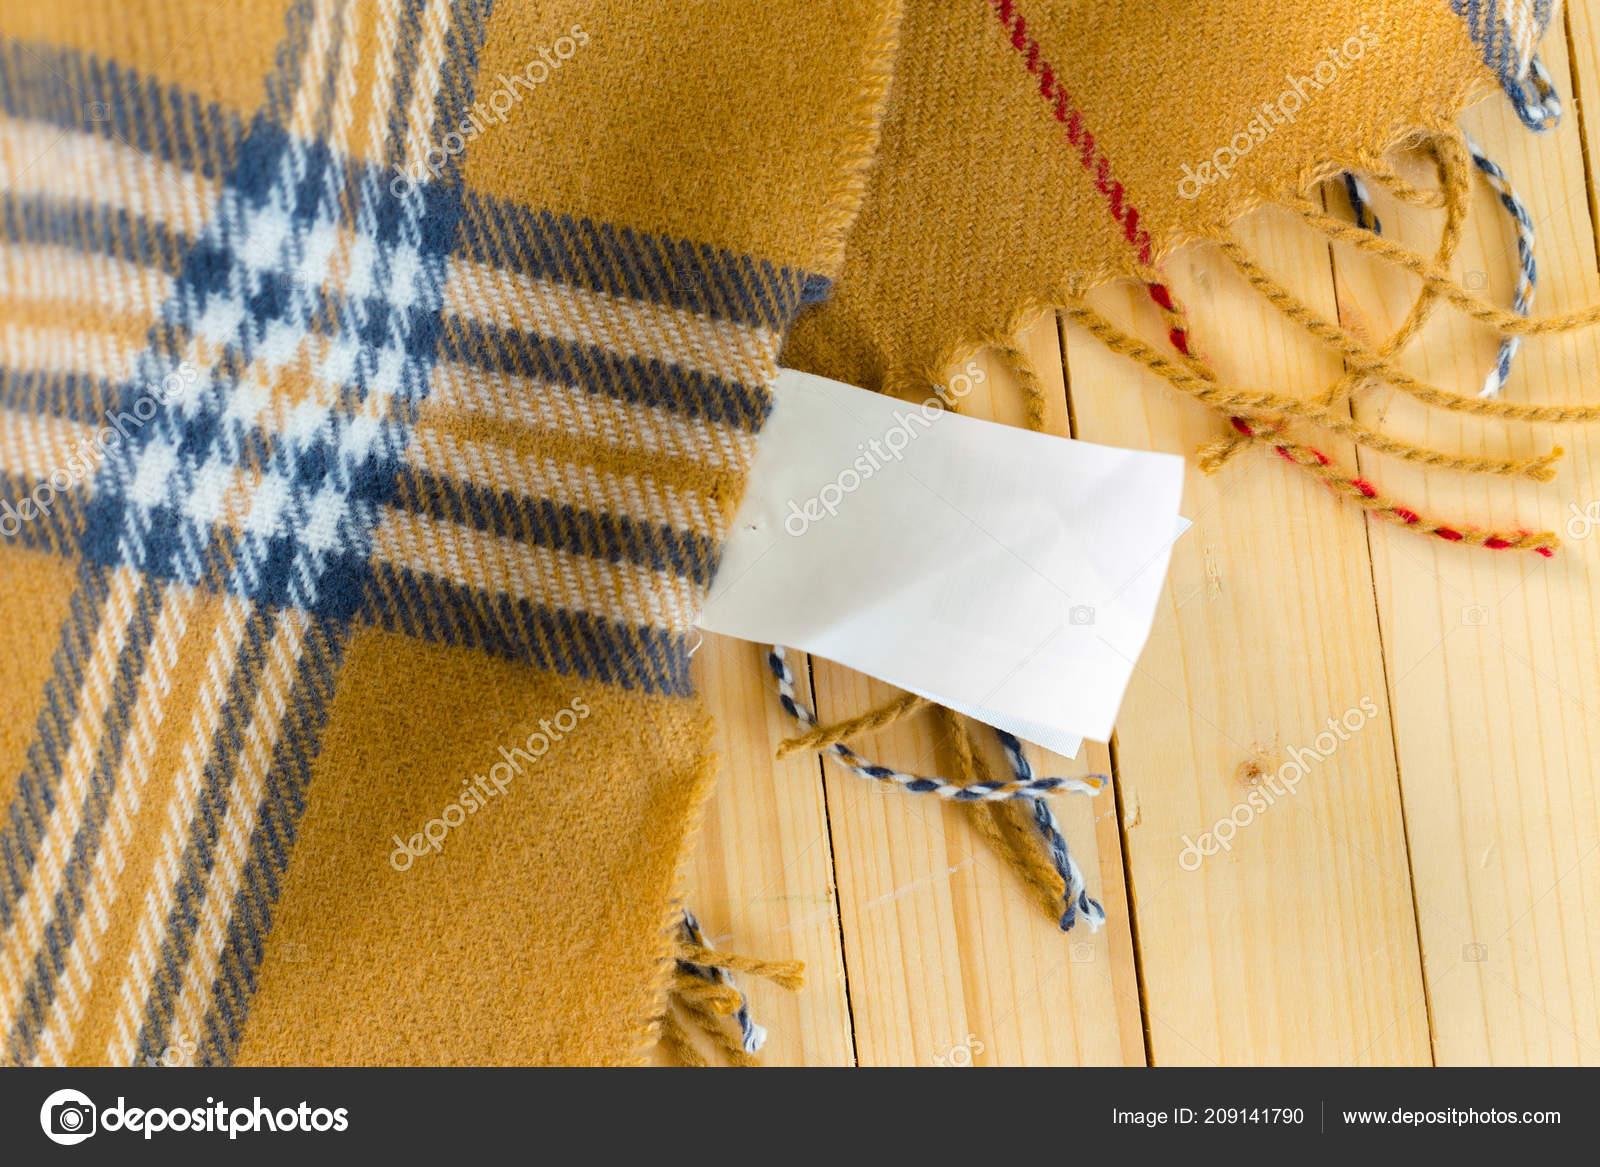 e242cf02519 Stoh vlněný pletený Teplý svetr a bílý štítek pro text — Fotografie od ...